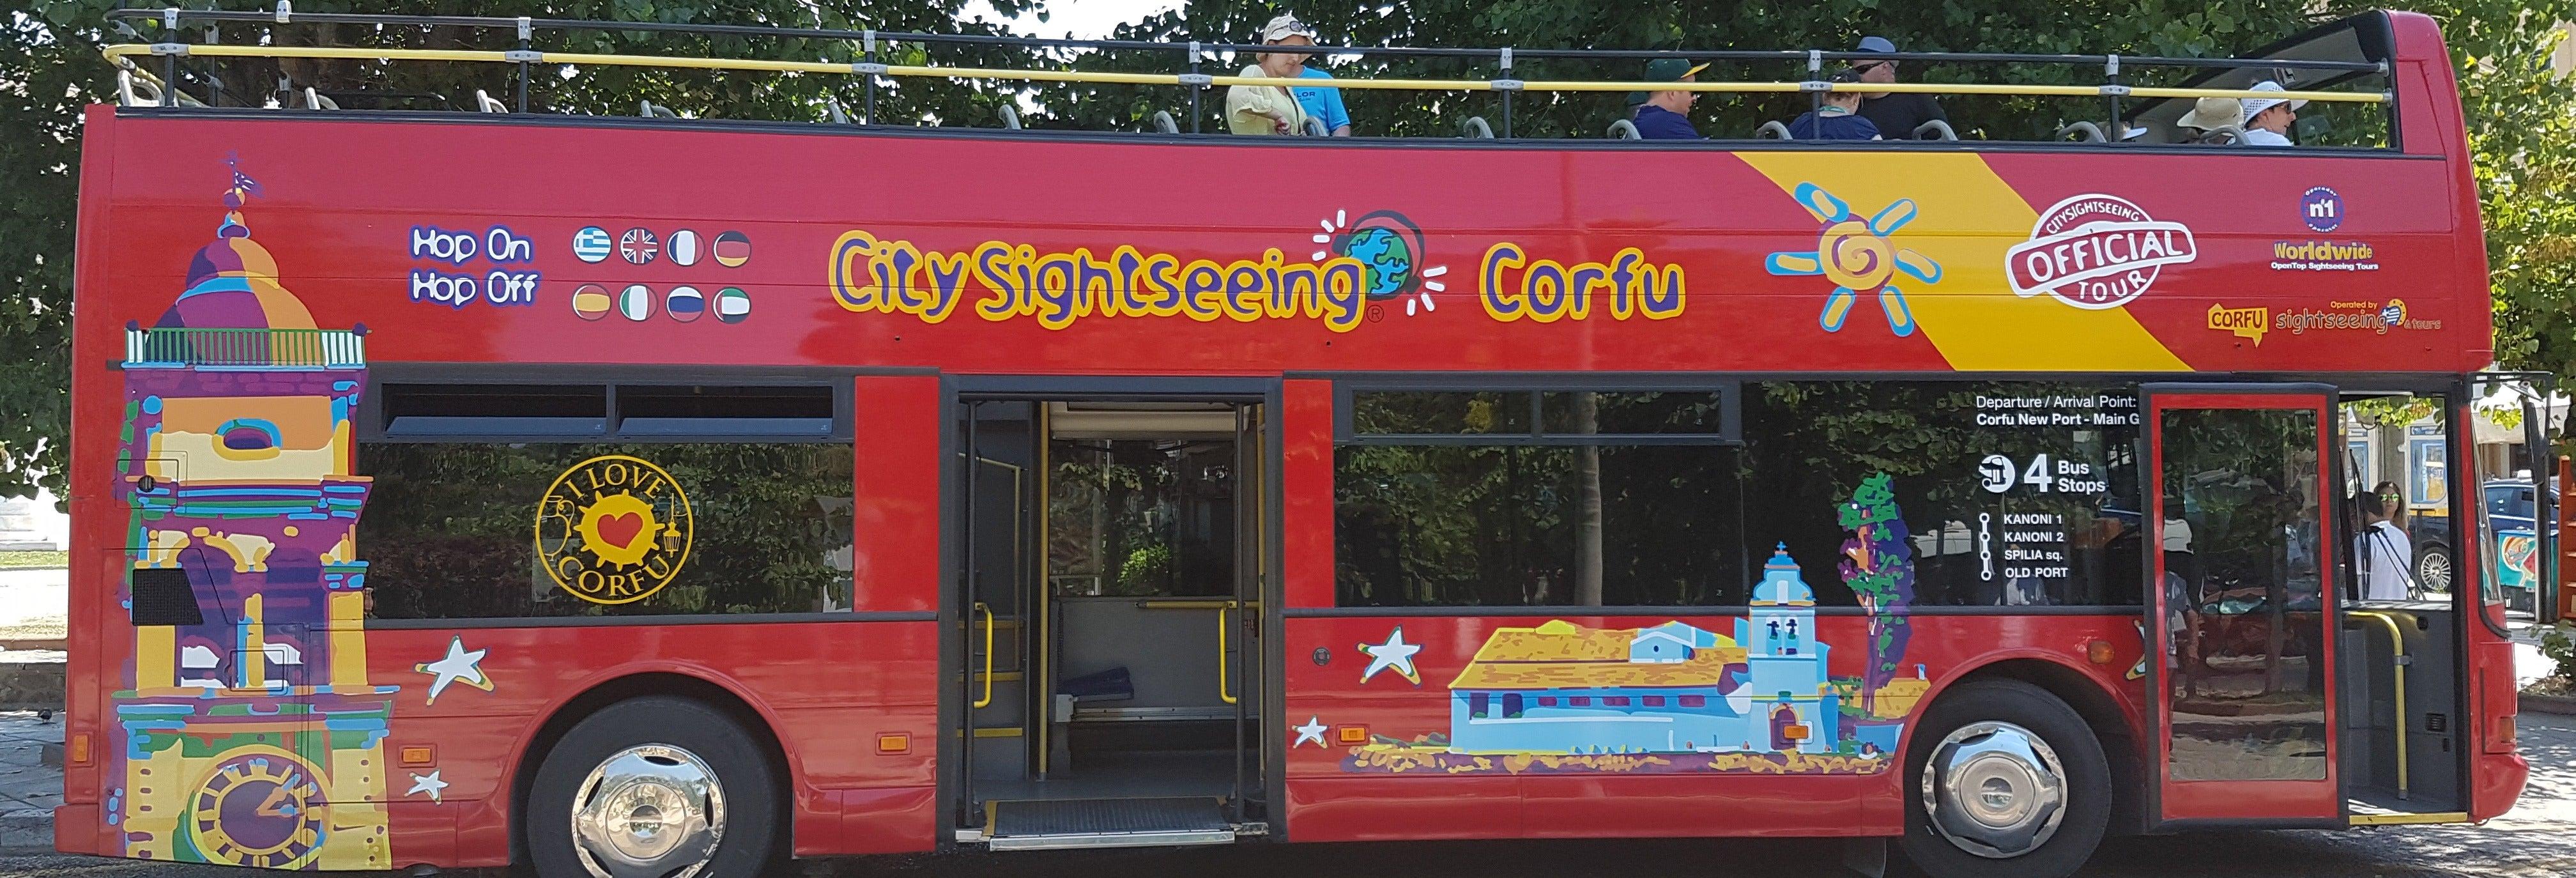 Bus touristique de Corfou